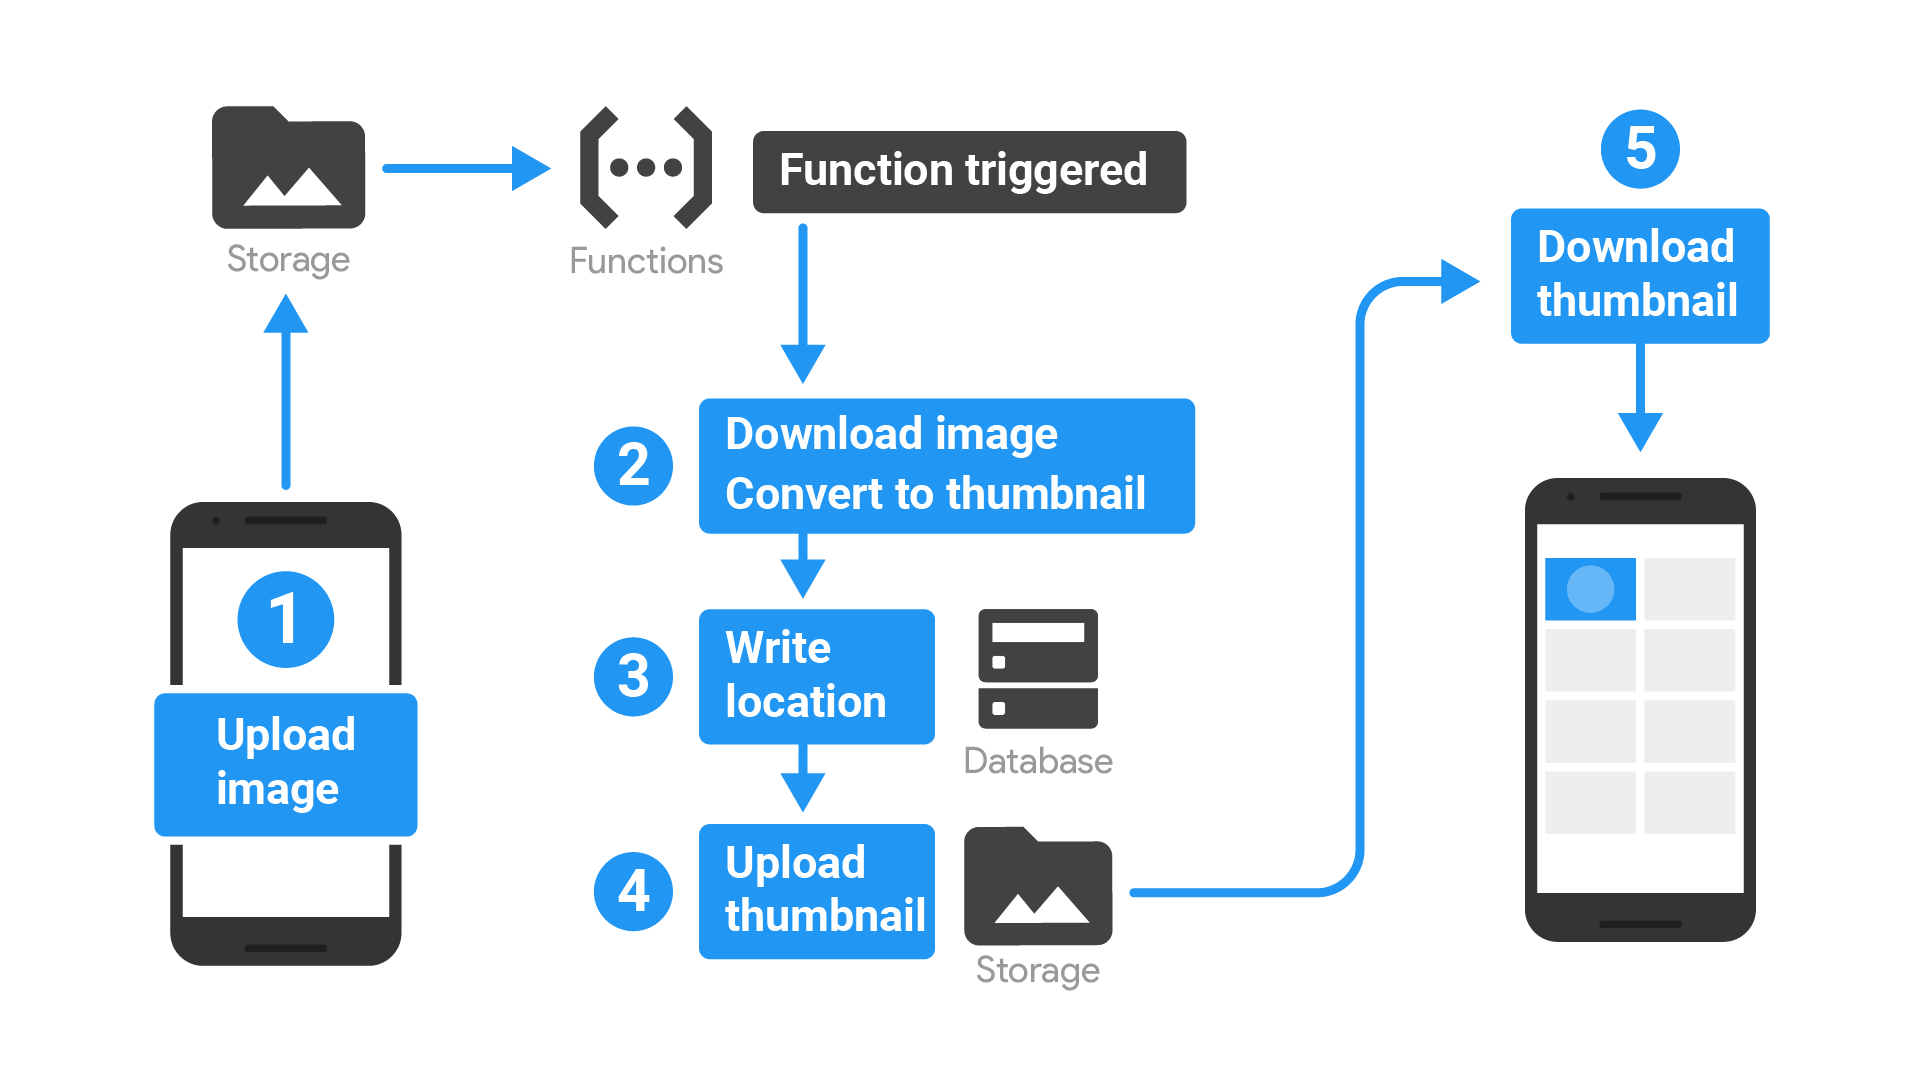 Diagram showing the app flow described below